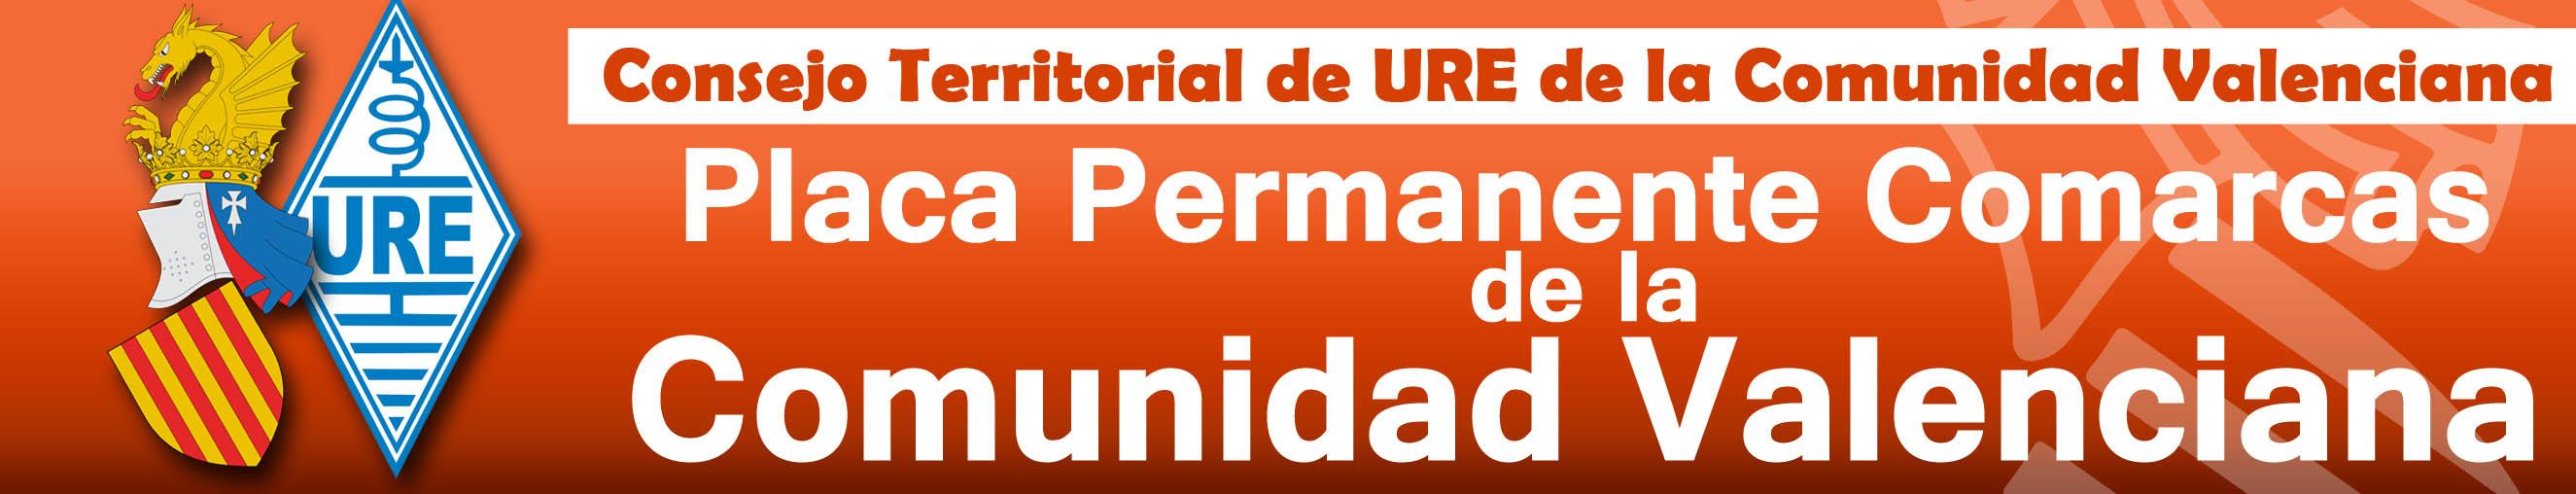 Placa Permanente Comarcas de la Comunidad Valenciana